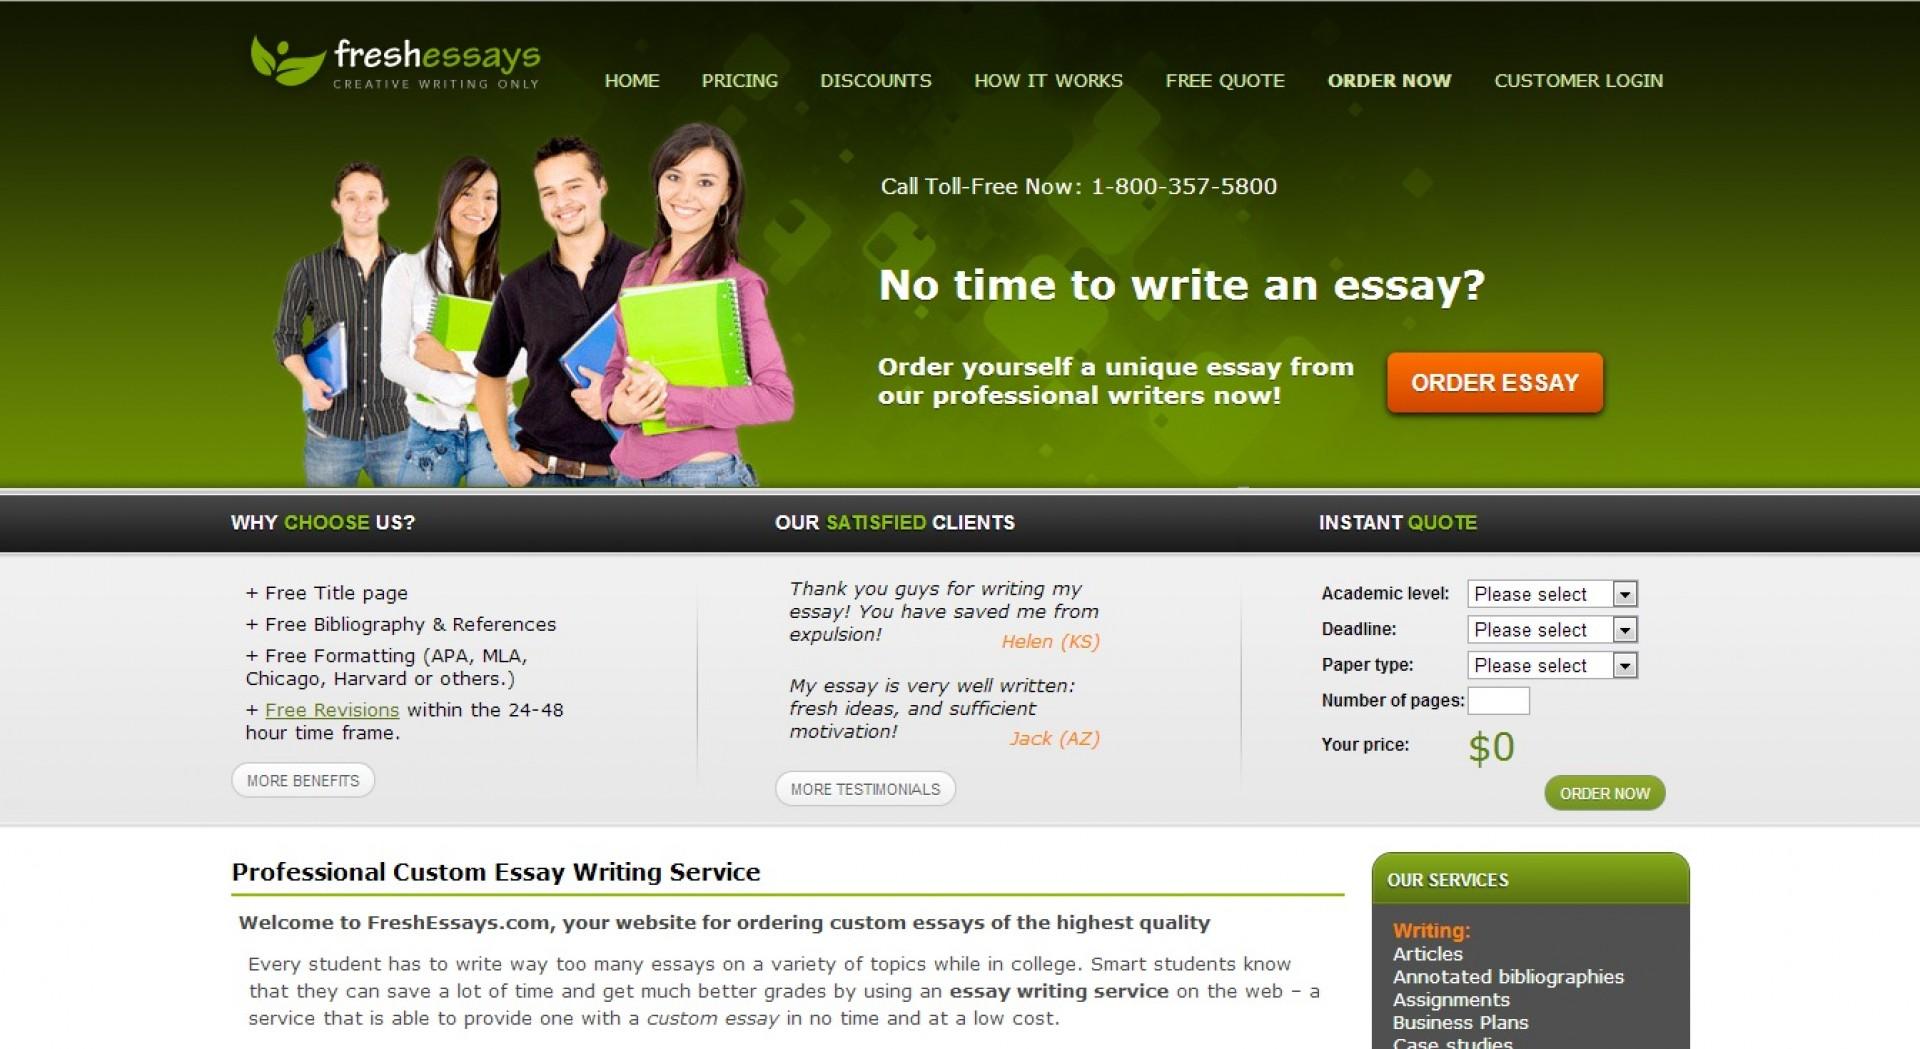 021 Essay Example Freshessays Com Review Fresh Wondrous Essays Contact Uk 1920